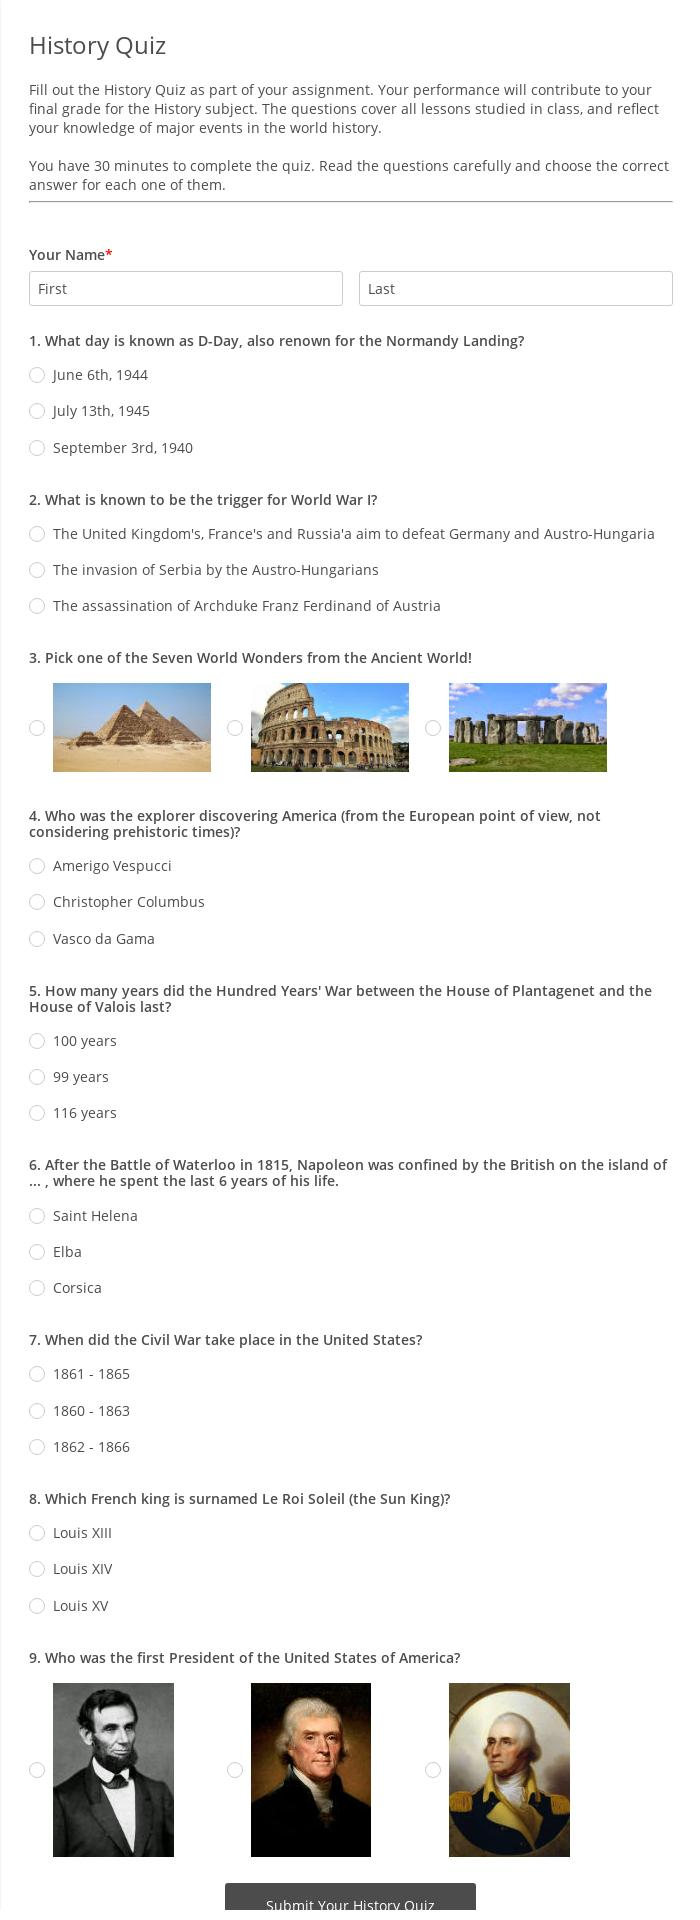 Cuestionario de Historia